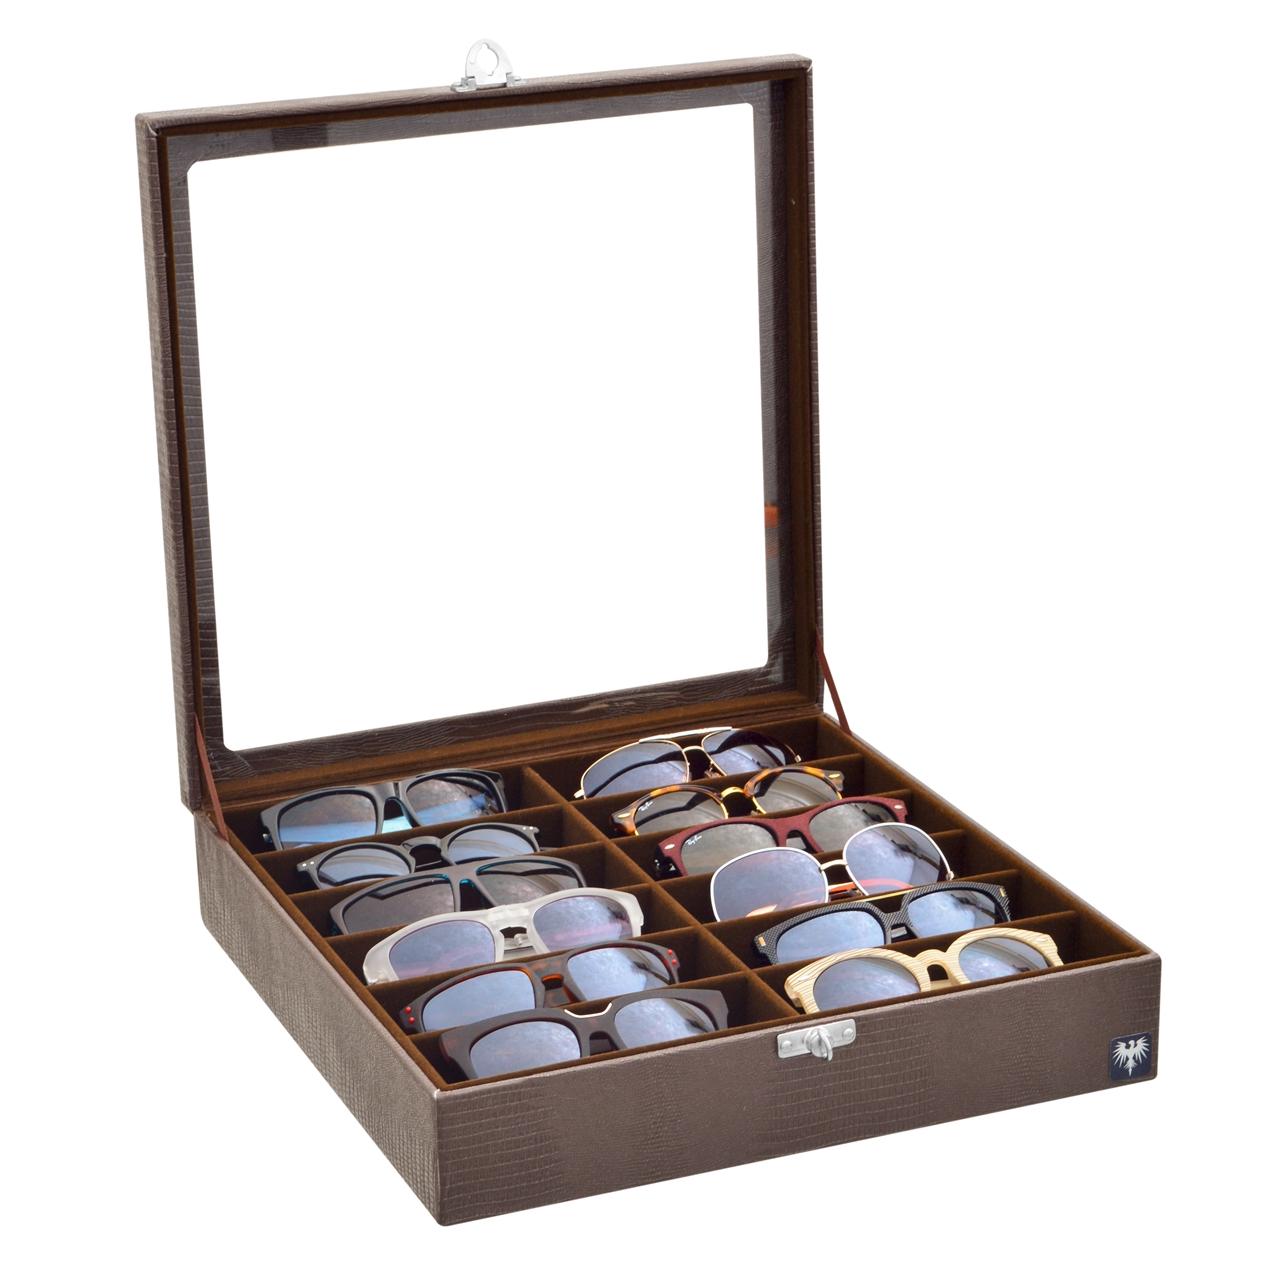 estojo-couro-ecologico-12-oculos-marrom-marrom-porta-caixa-imagem-2.JPG